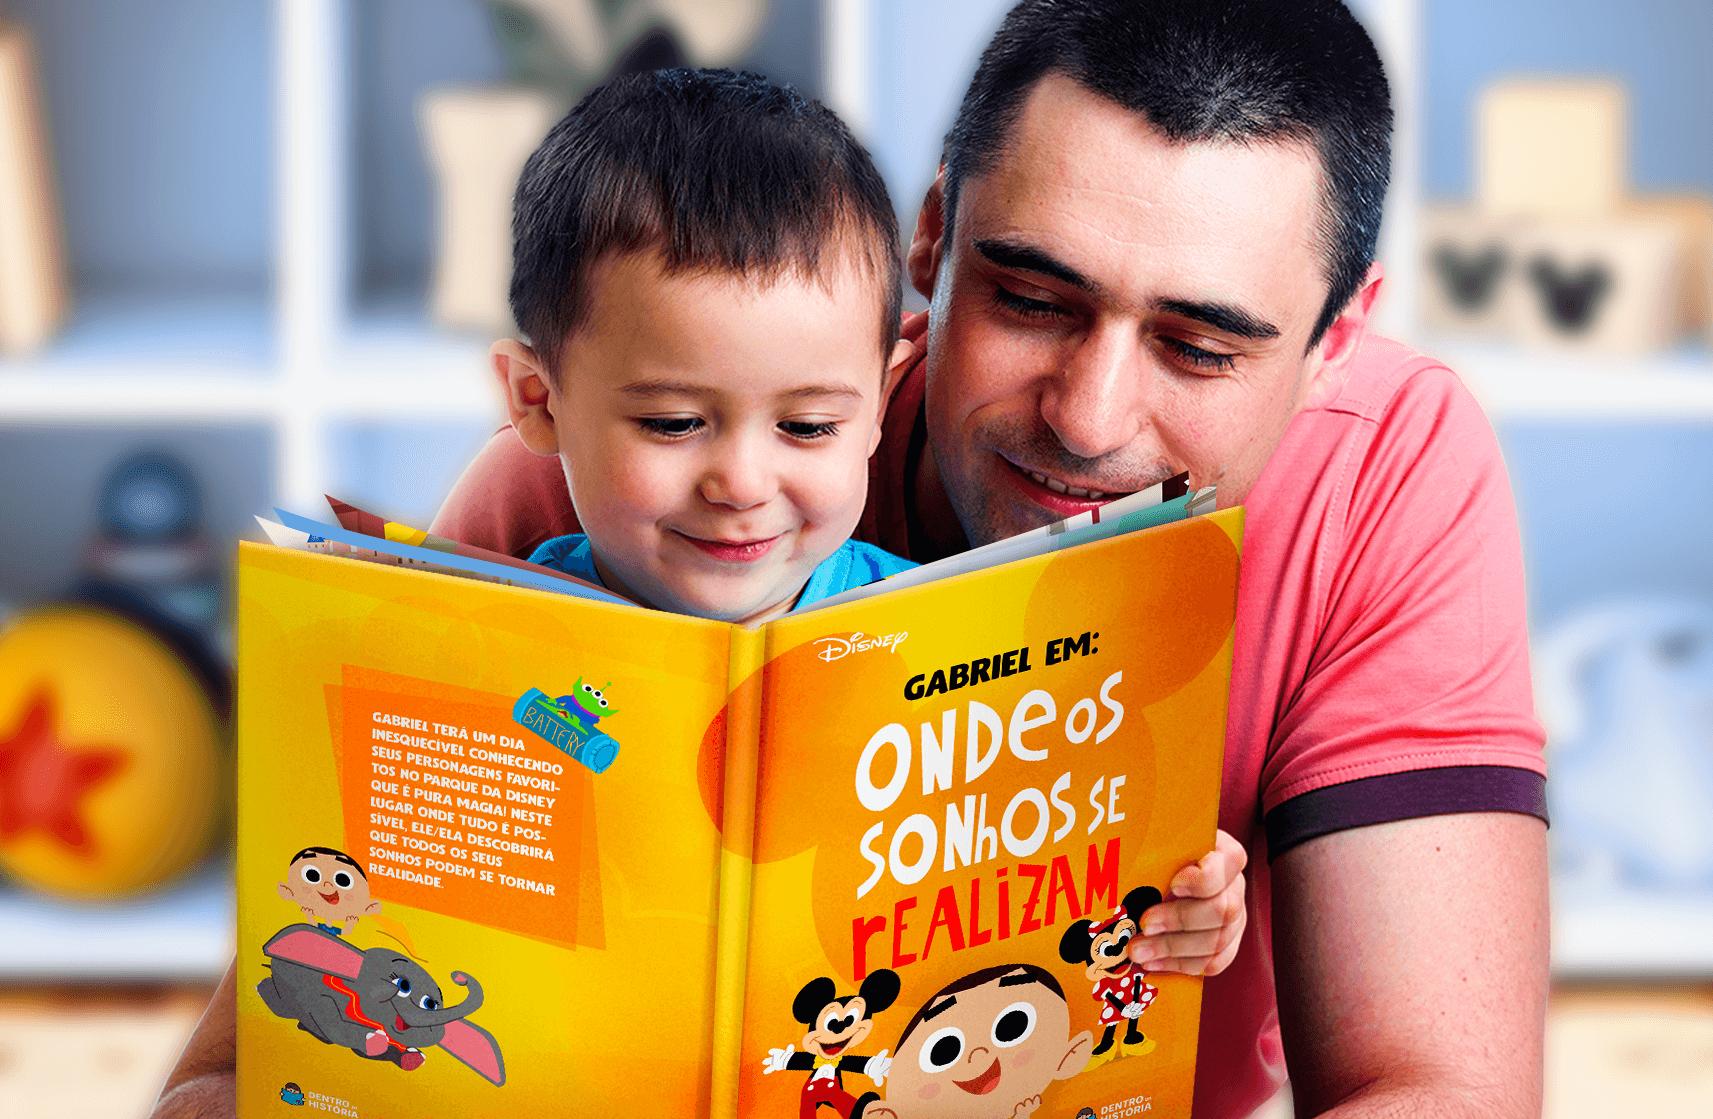 Novo livro personalizado coloca a criança junto com os personagens da Disney!